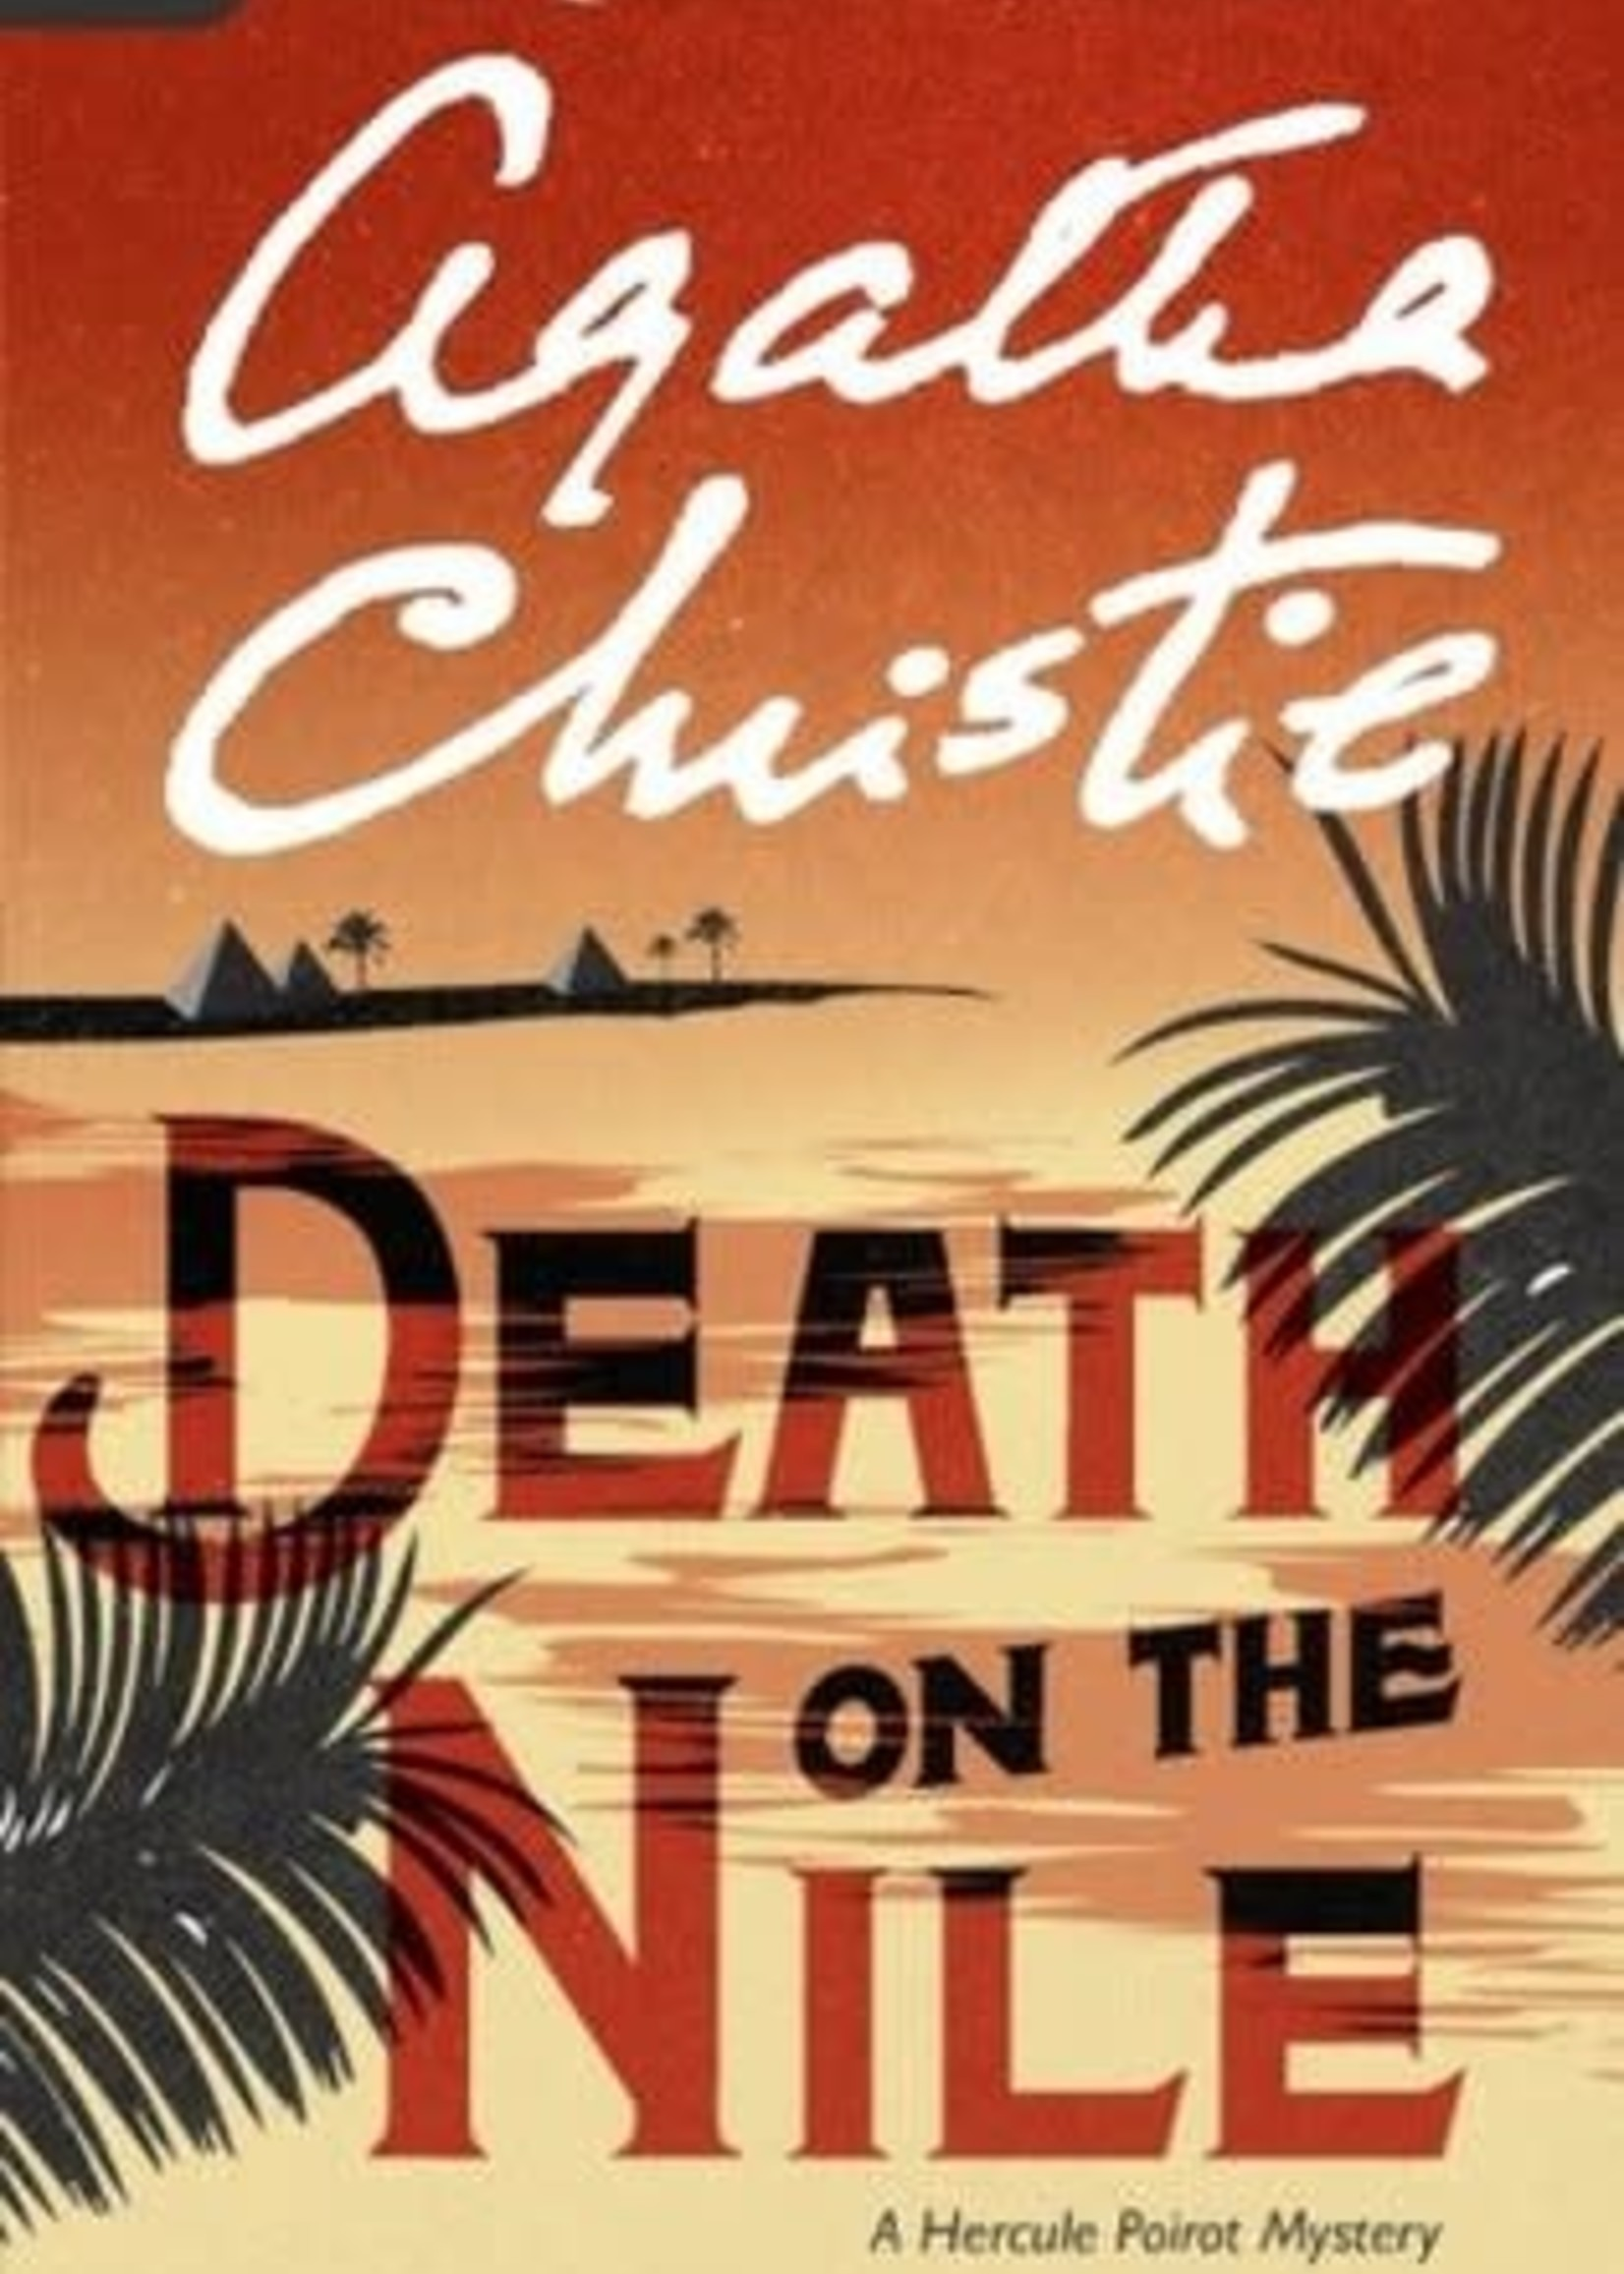 Death on the Nile (Hercule Poirot #22) by Agatha Christie